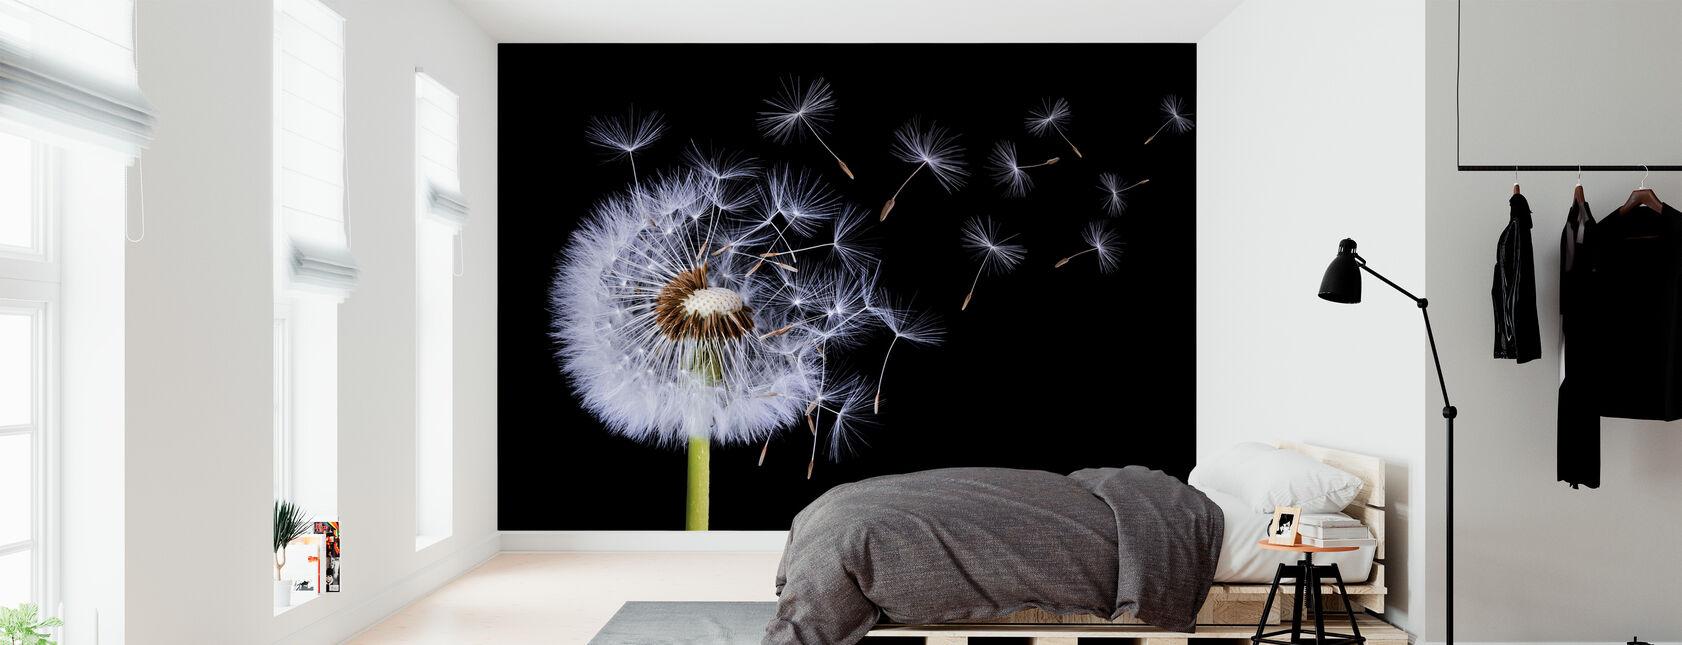 Dandelion Blowing - Wallpaper - Bedroom